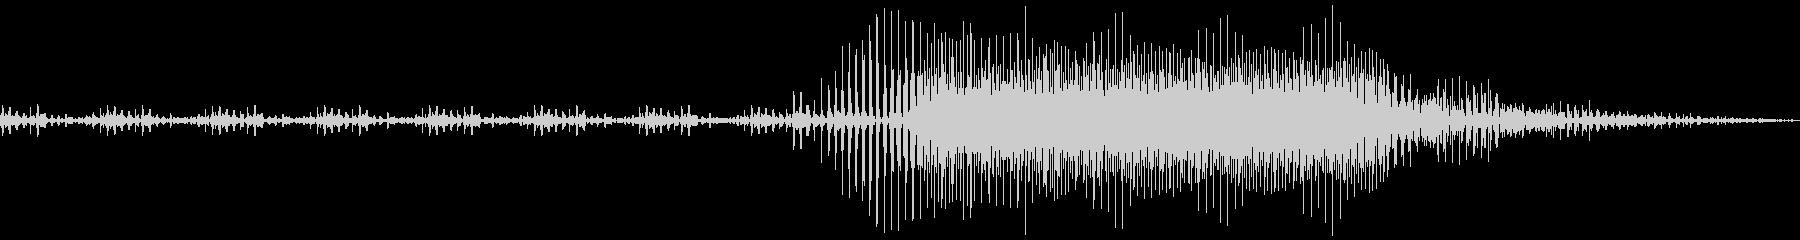 AMGアナログFX 14の未再生の波形